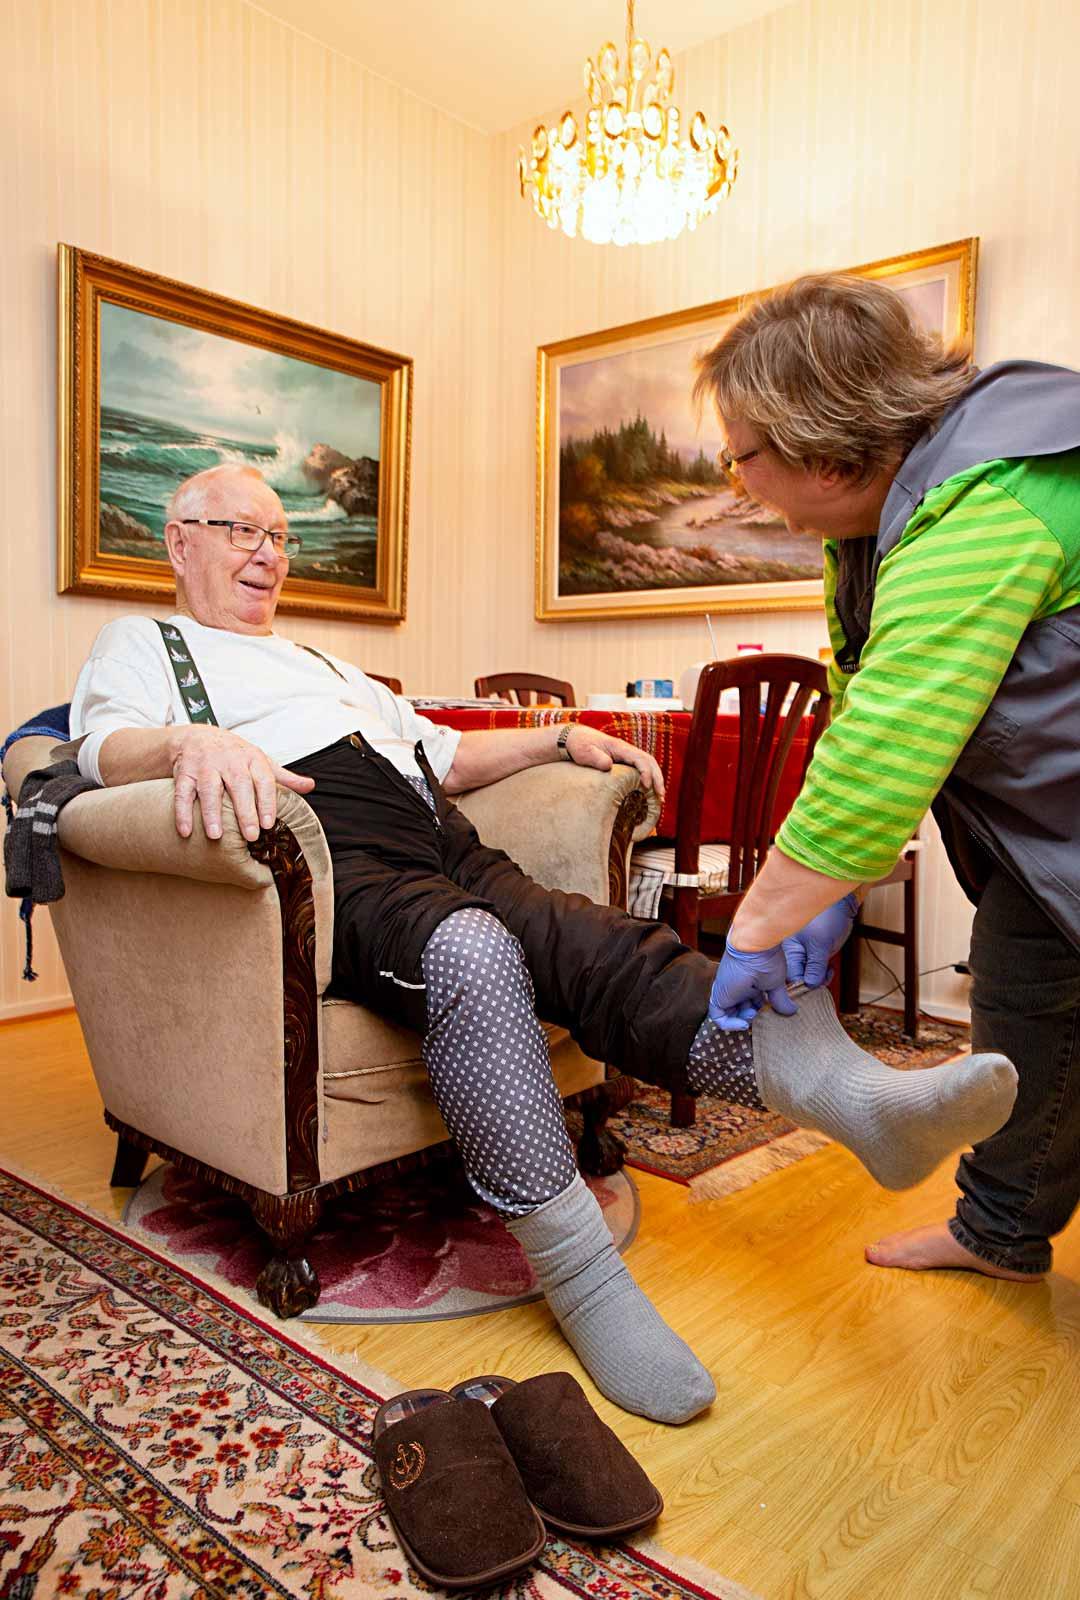 Lähihoitaja Auli Rantanen auttaa Lauri Hiltusta sukkien pukemisessa. Uintipäivinä hoitaja ei pue tukisukkia, vaan peittää katetrin aukon vedenkestävällä lapulla.